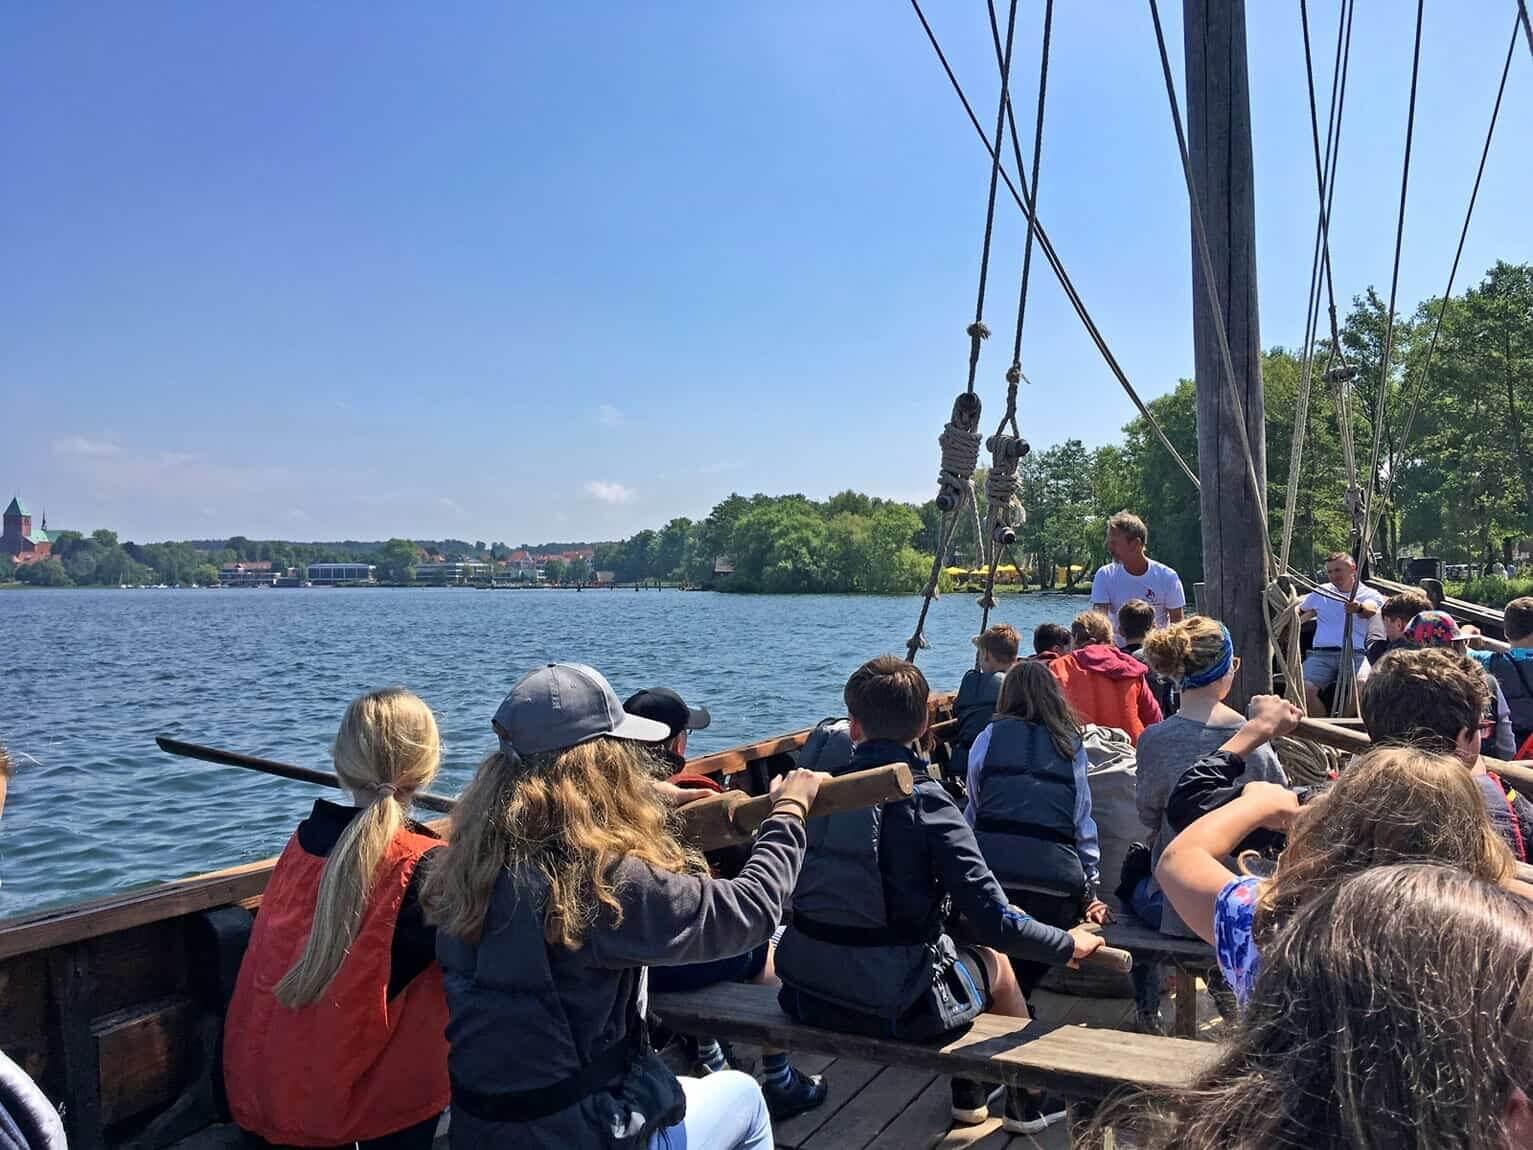 Foto: Ruder- und Segelfahrt auf dem Ratzeburger See im GUT DRAUF-Wochenende. Fotoautor: Frank Hermann